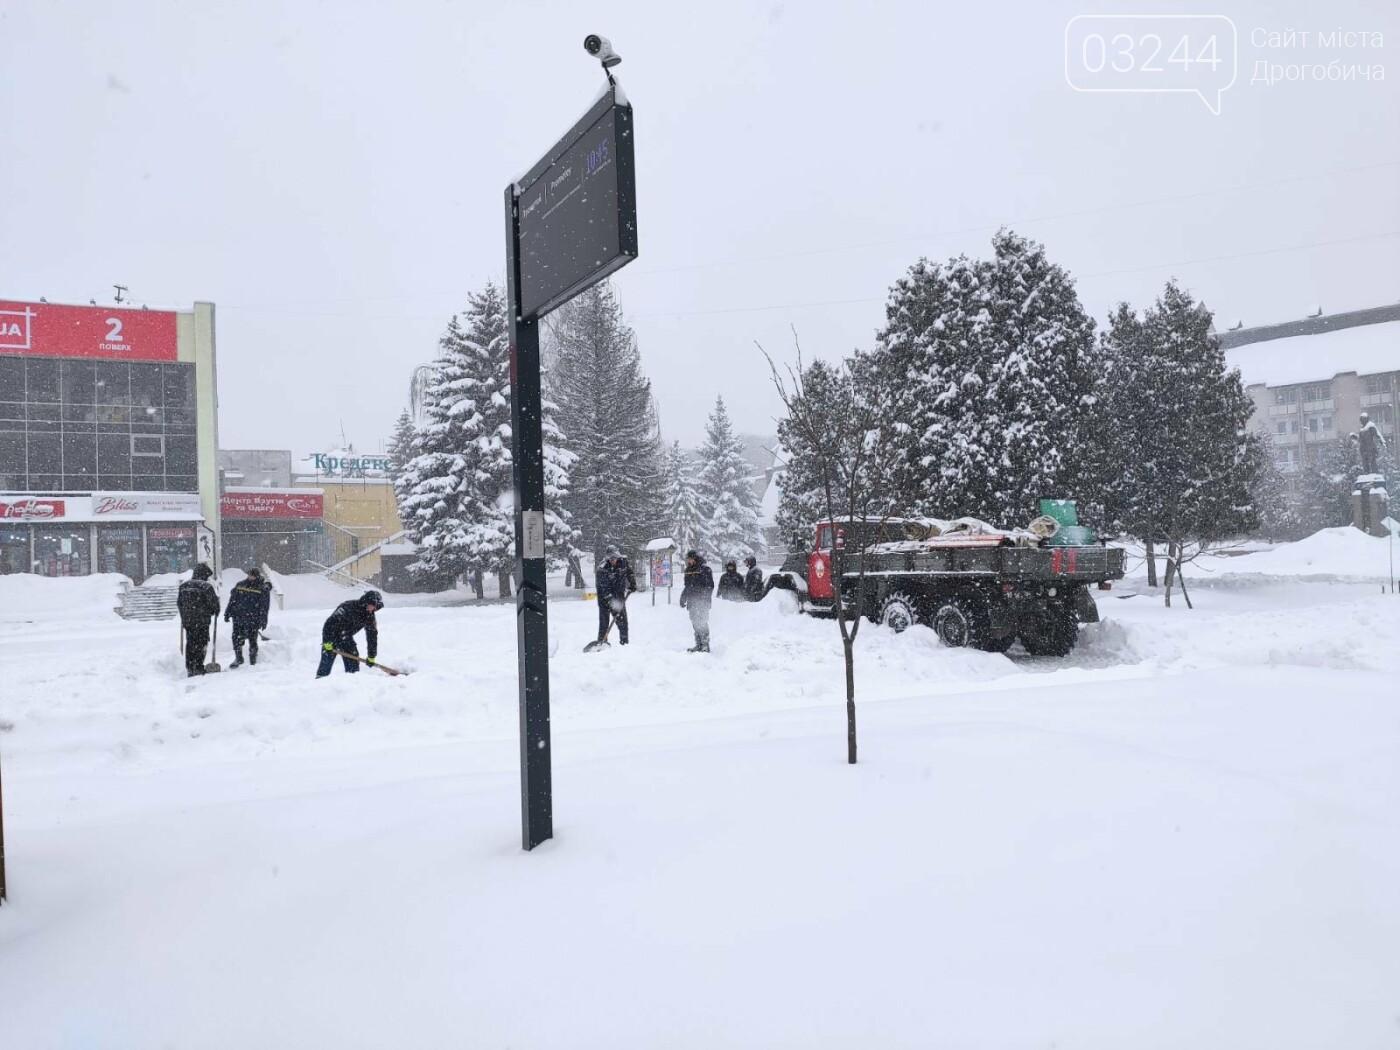 Щоб не замерзнути: у Дрогобичі розгорнули 2 пункти обігріву - один тимчасовий, інший - стаціонарний, фото-1